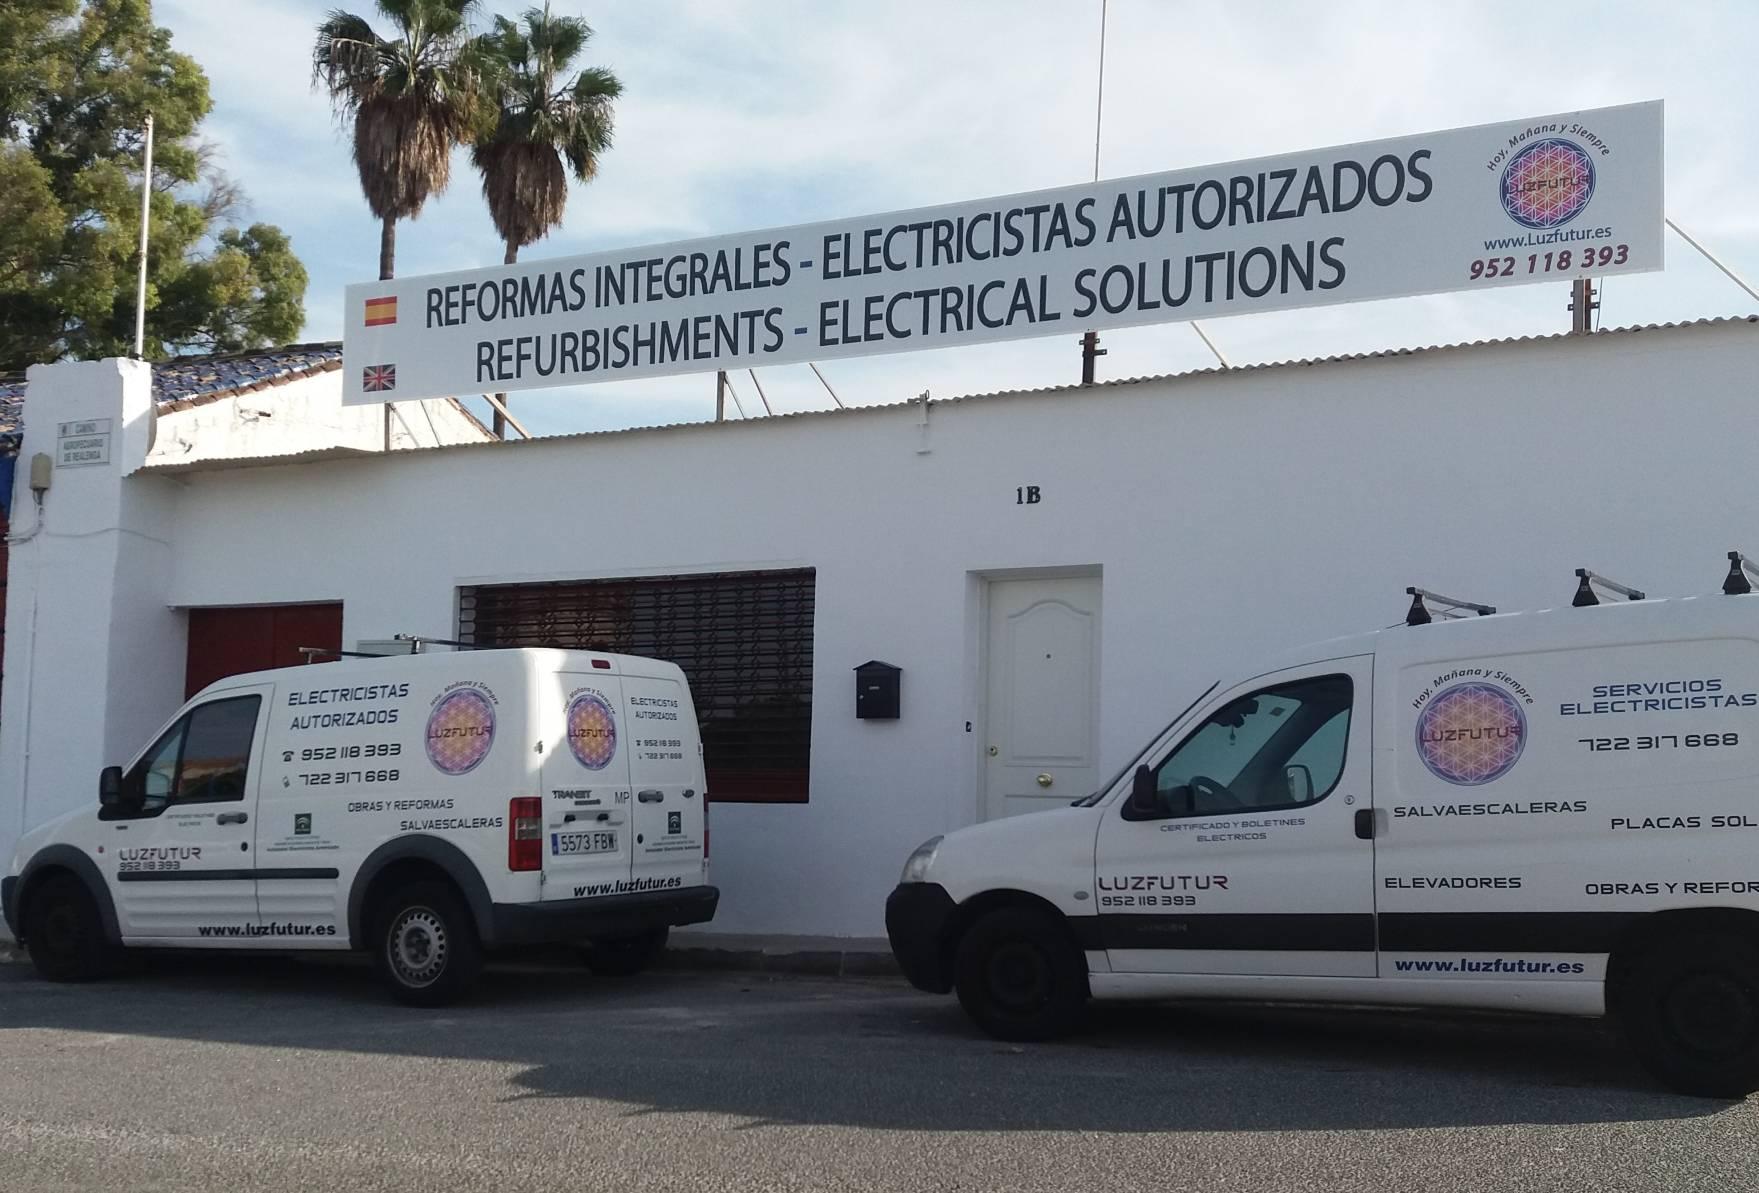 Luzfur es una empresa din mica dedicada a las - Trabajo electricista malaga ...